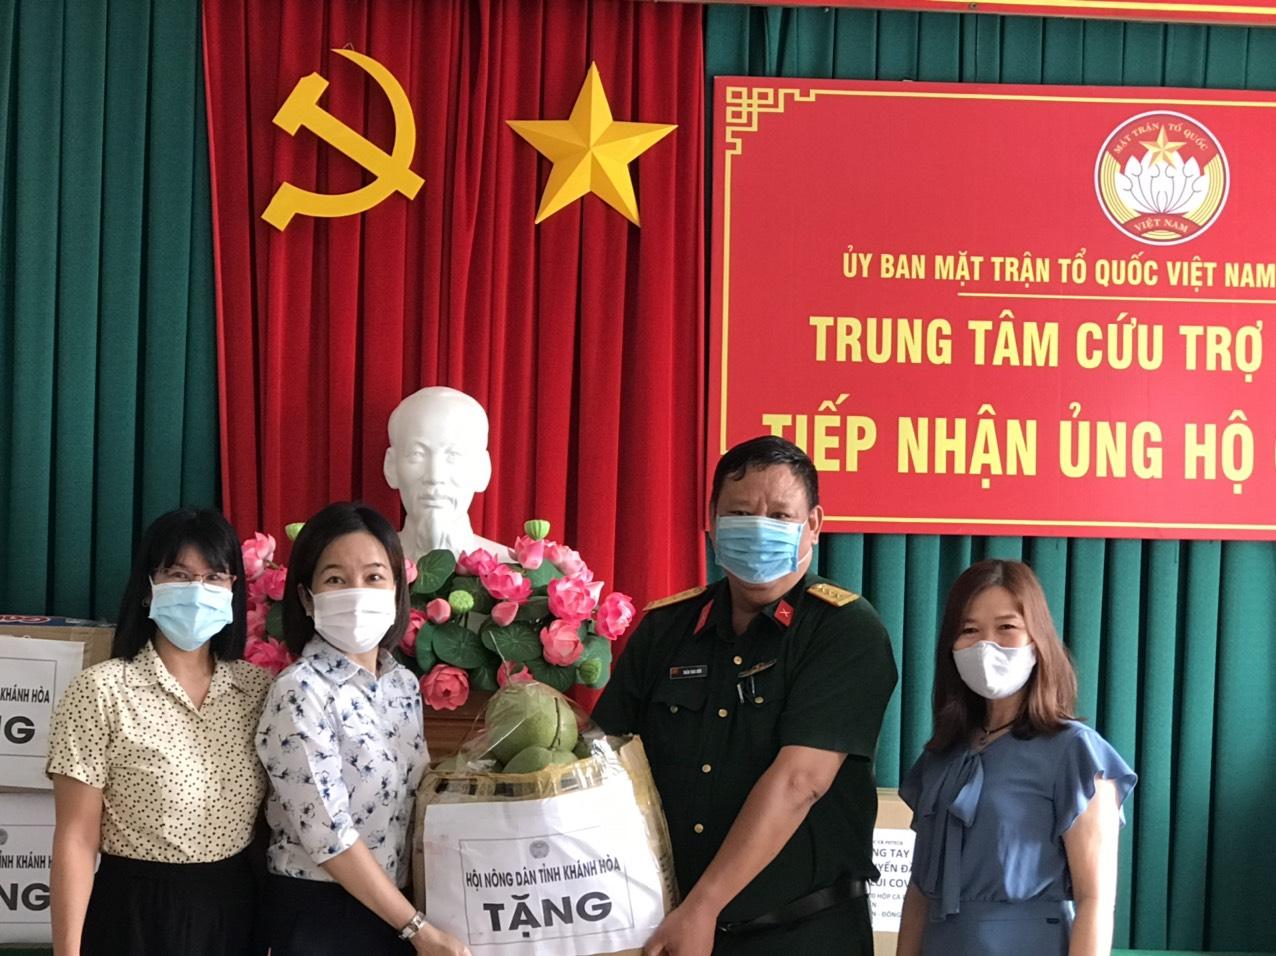 Hội Nông dân Khánh Hòa: Nhiều hoạt động chung tay phòng, chống dịch Covid-19 - Ảnh 7.